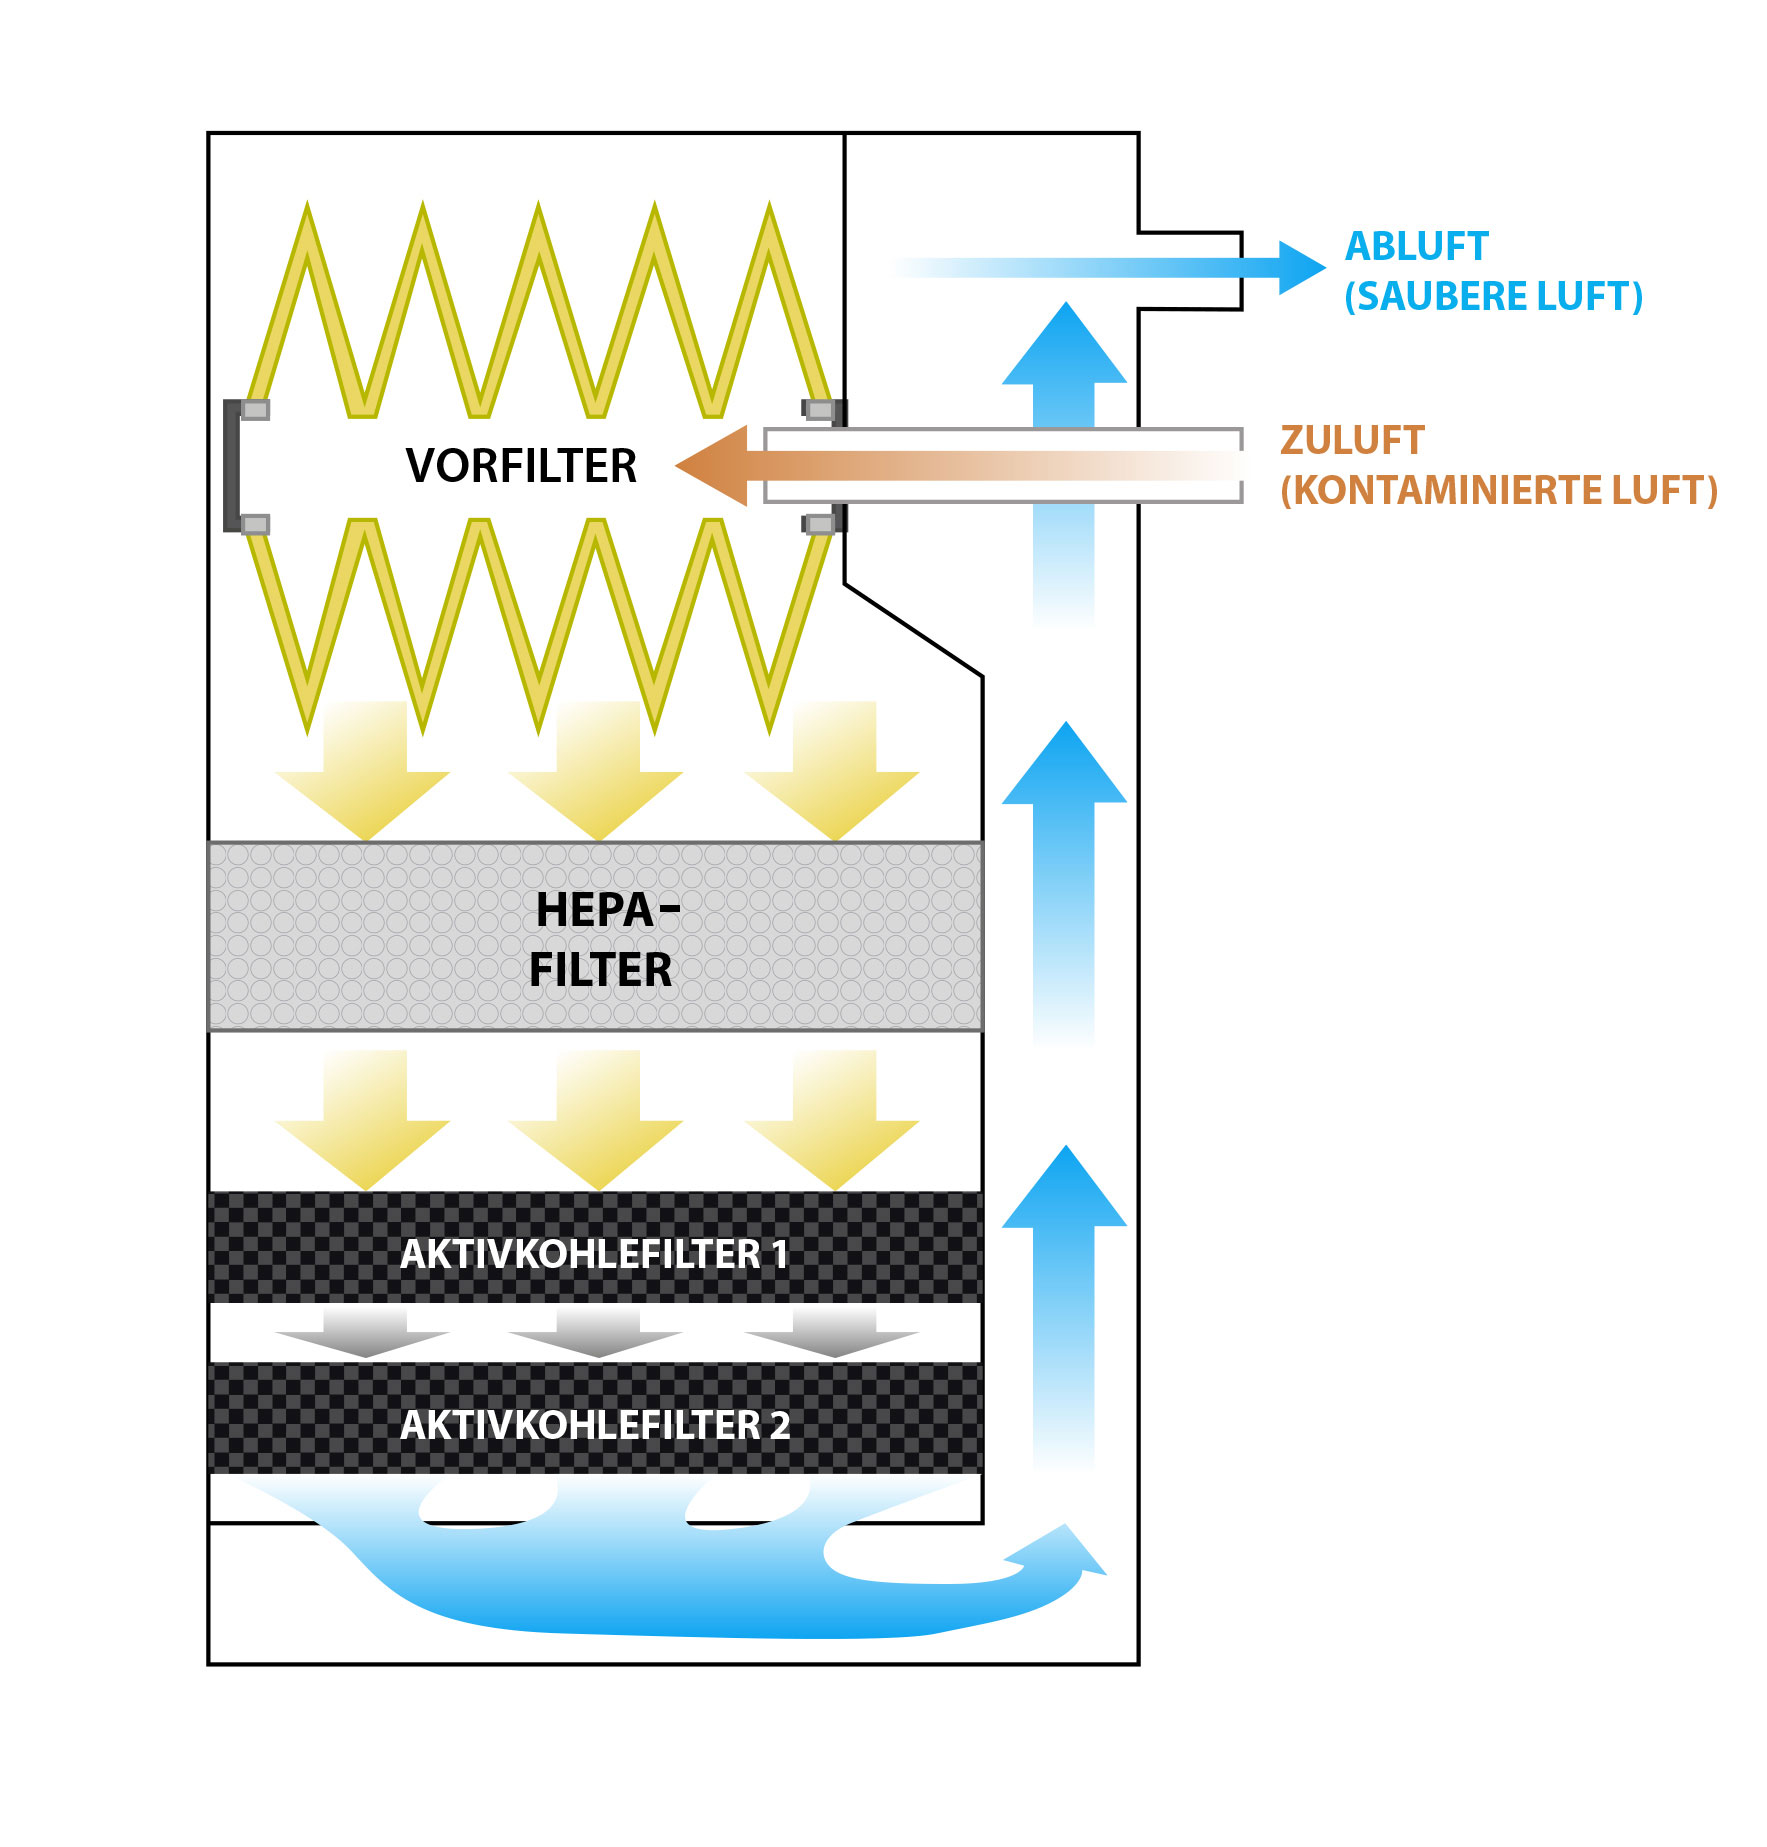 Schematische Darstellung des UAC-Filterpfads